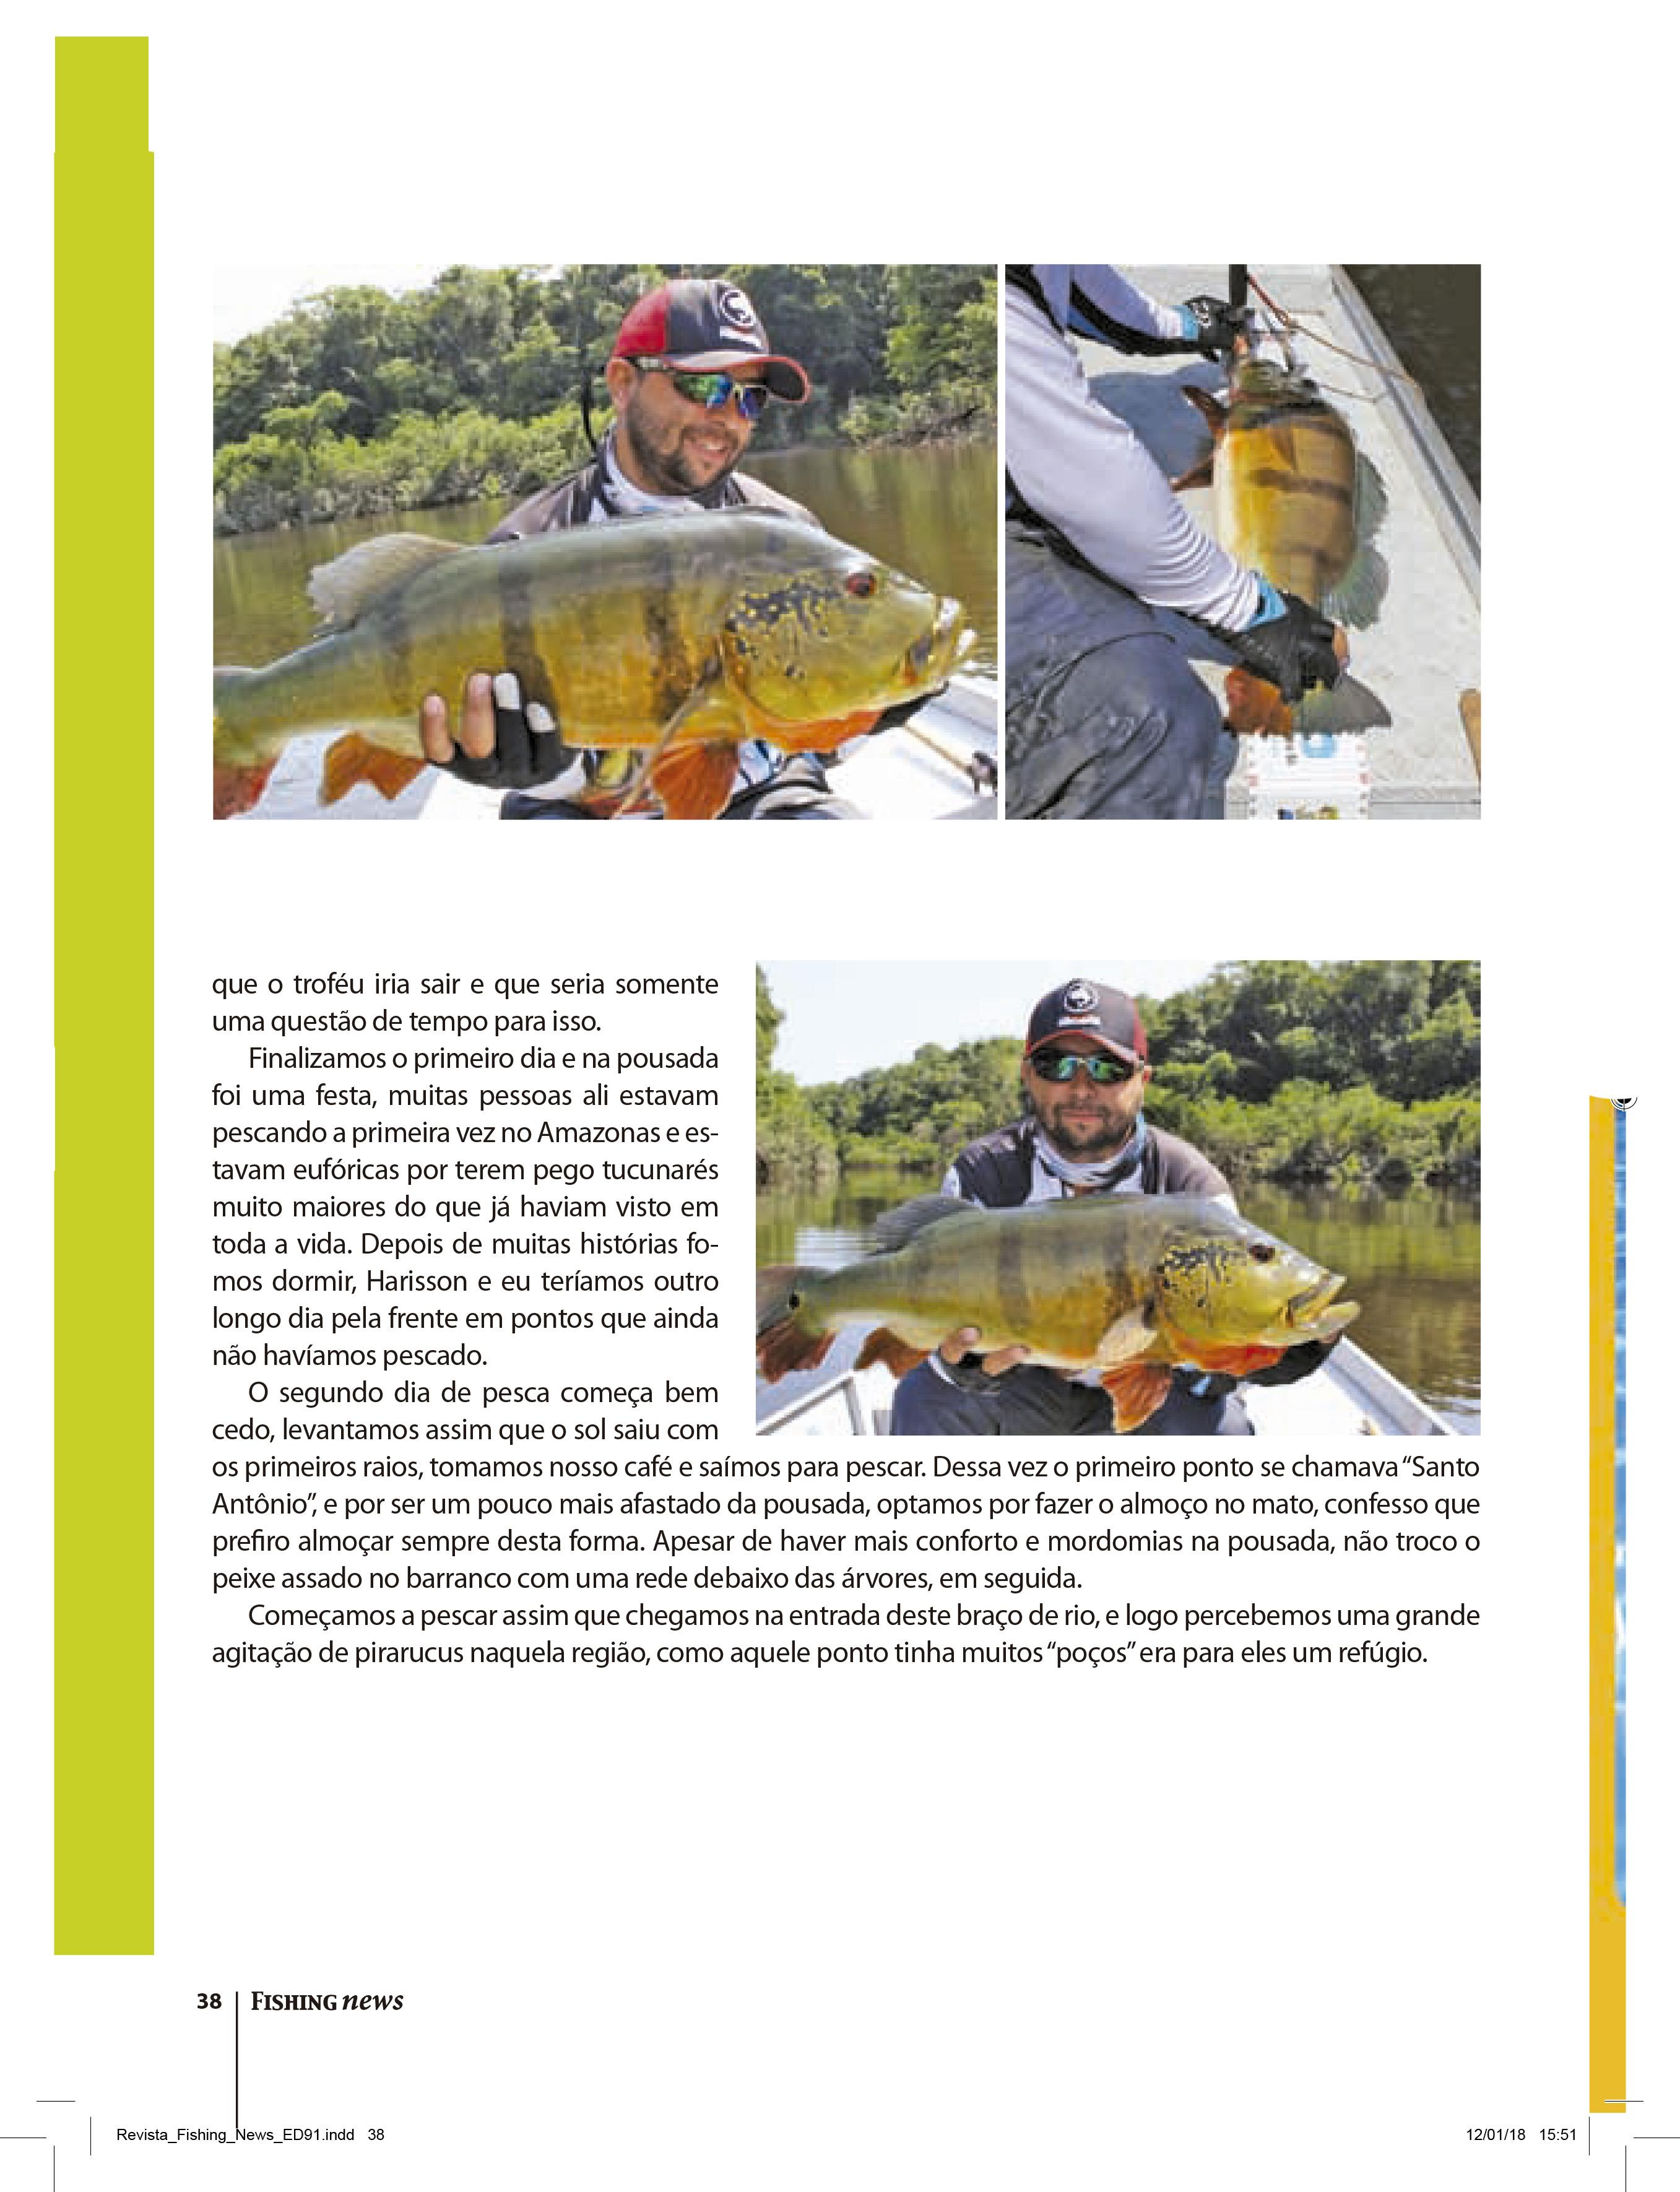 Revista Fishing News_ed 91_OP 47300_pdf prova-38